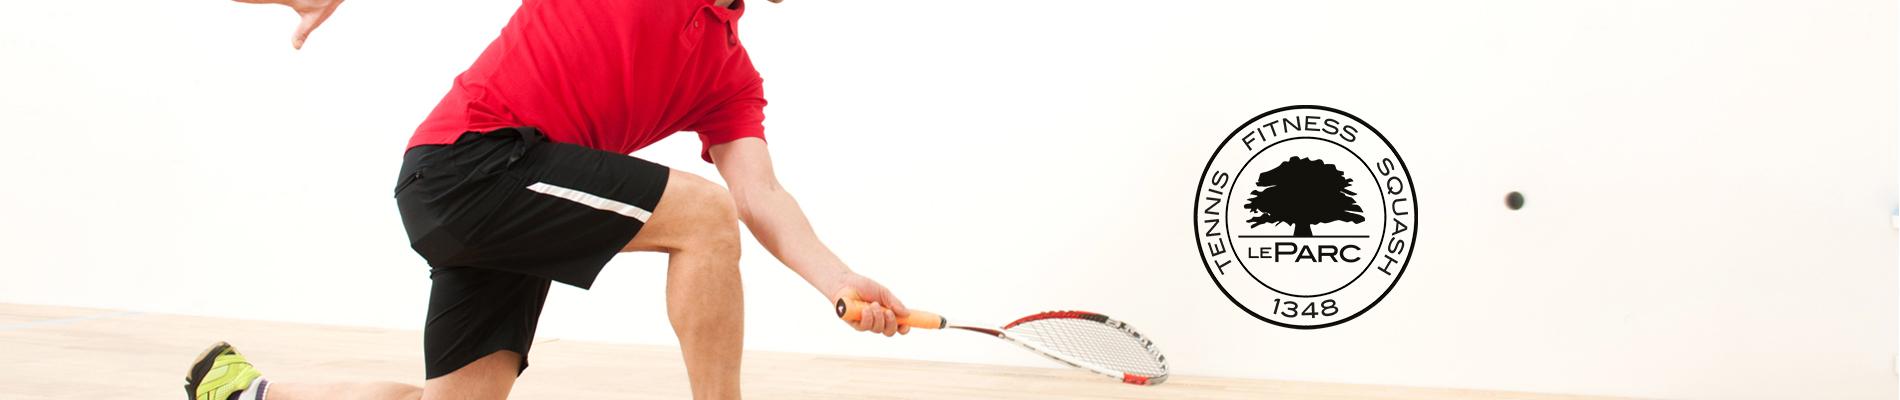 Squash Club